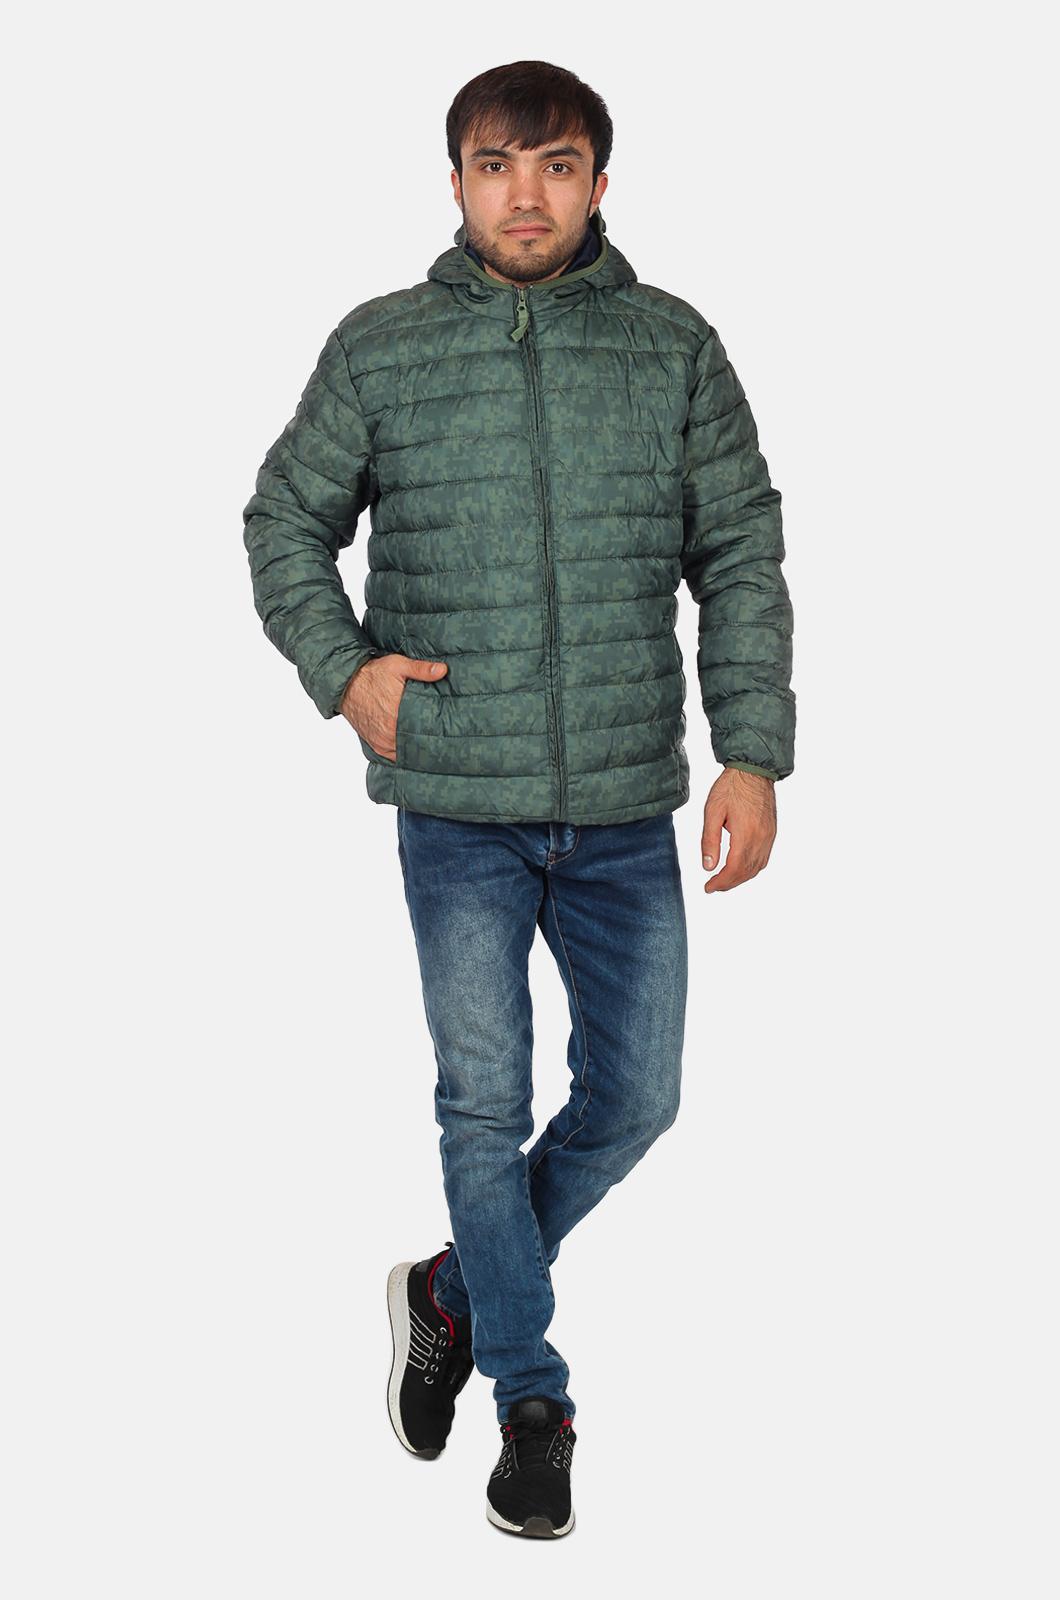 Мужские теплые куртки СП – оптом всегда дешевле